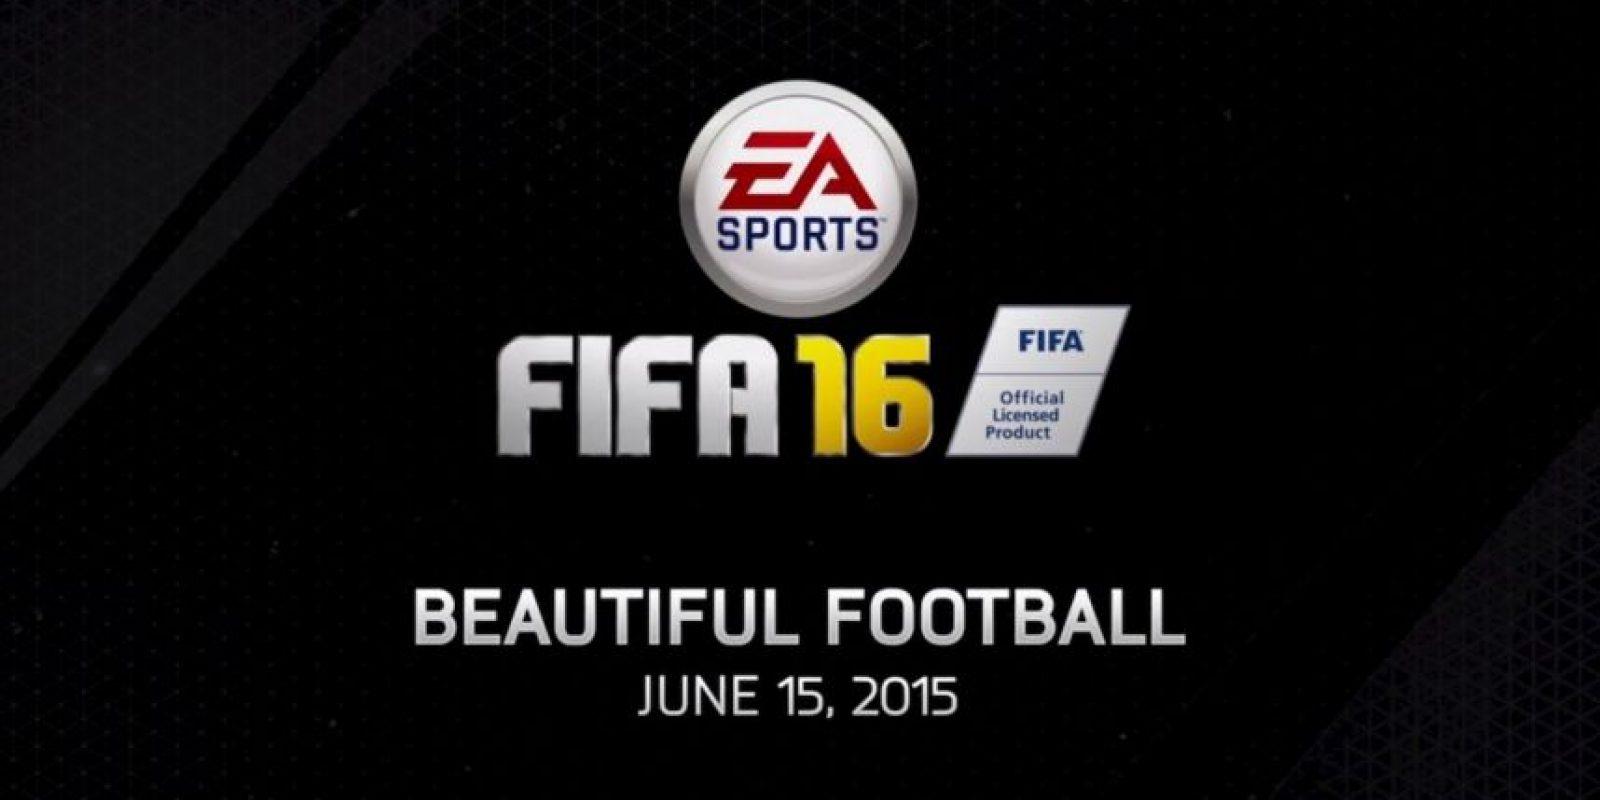 Más detalles el 15 de junio. Foto:EA Sports